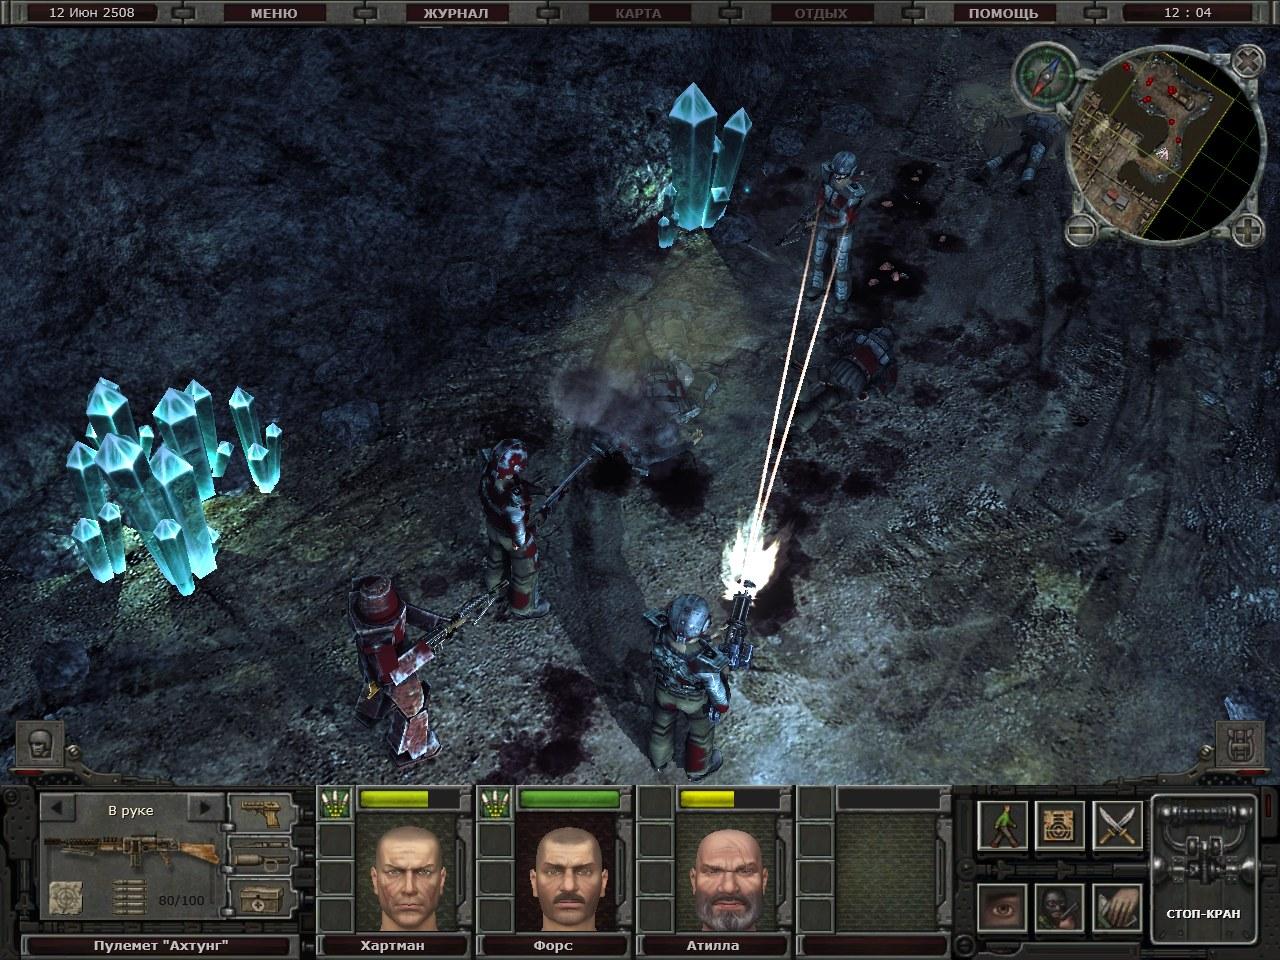 Санитары подземелий-2 прохождение казино игра вулкан игровые автоматы играть бесплатно